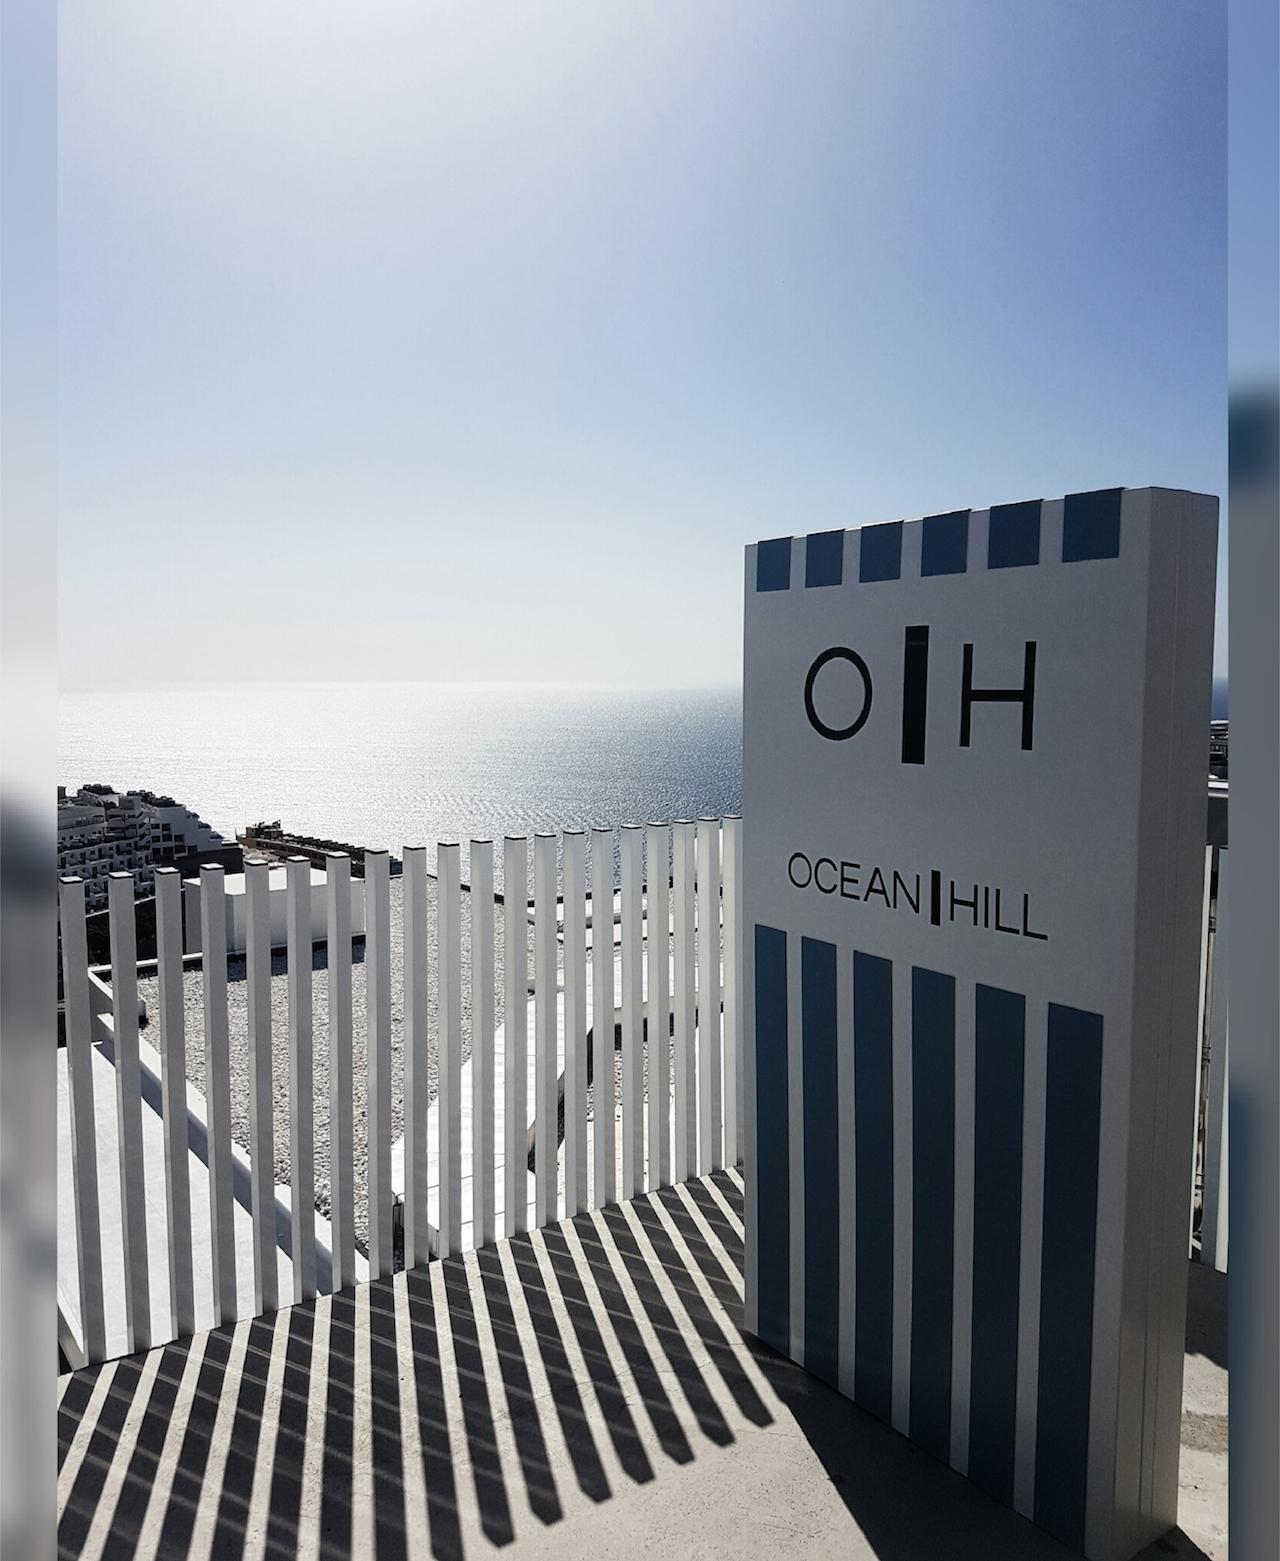 Monolito informativo, Hotel Ocean Hill, Maspalomas, Gran Canaria.